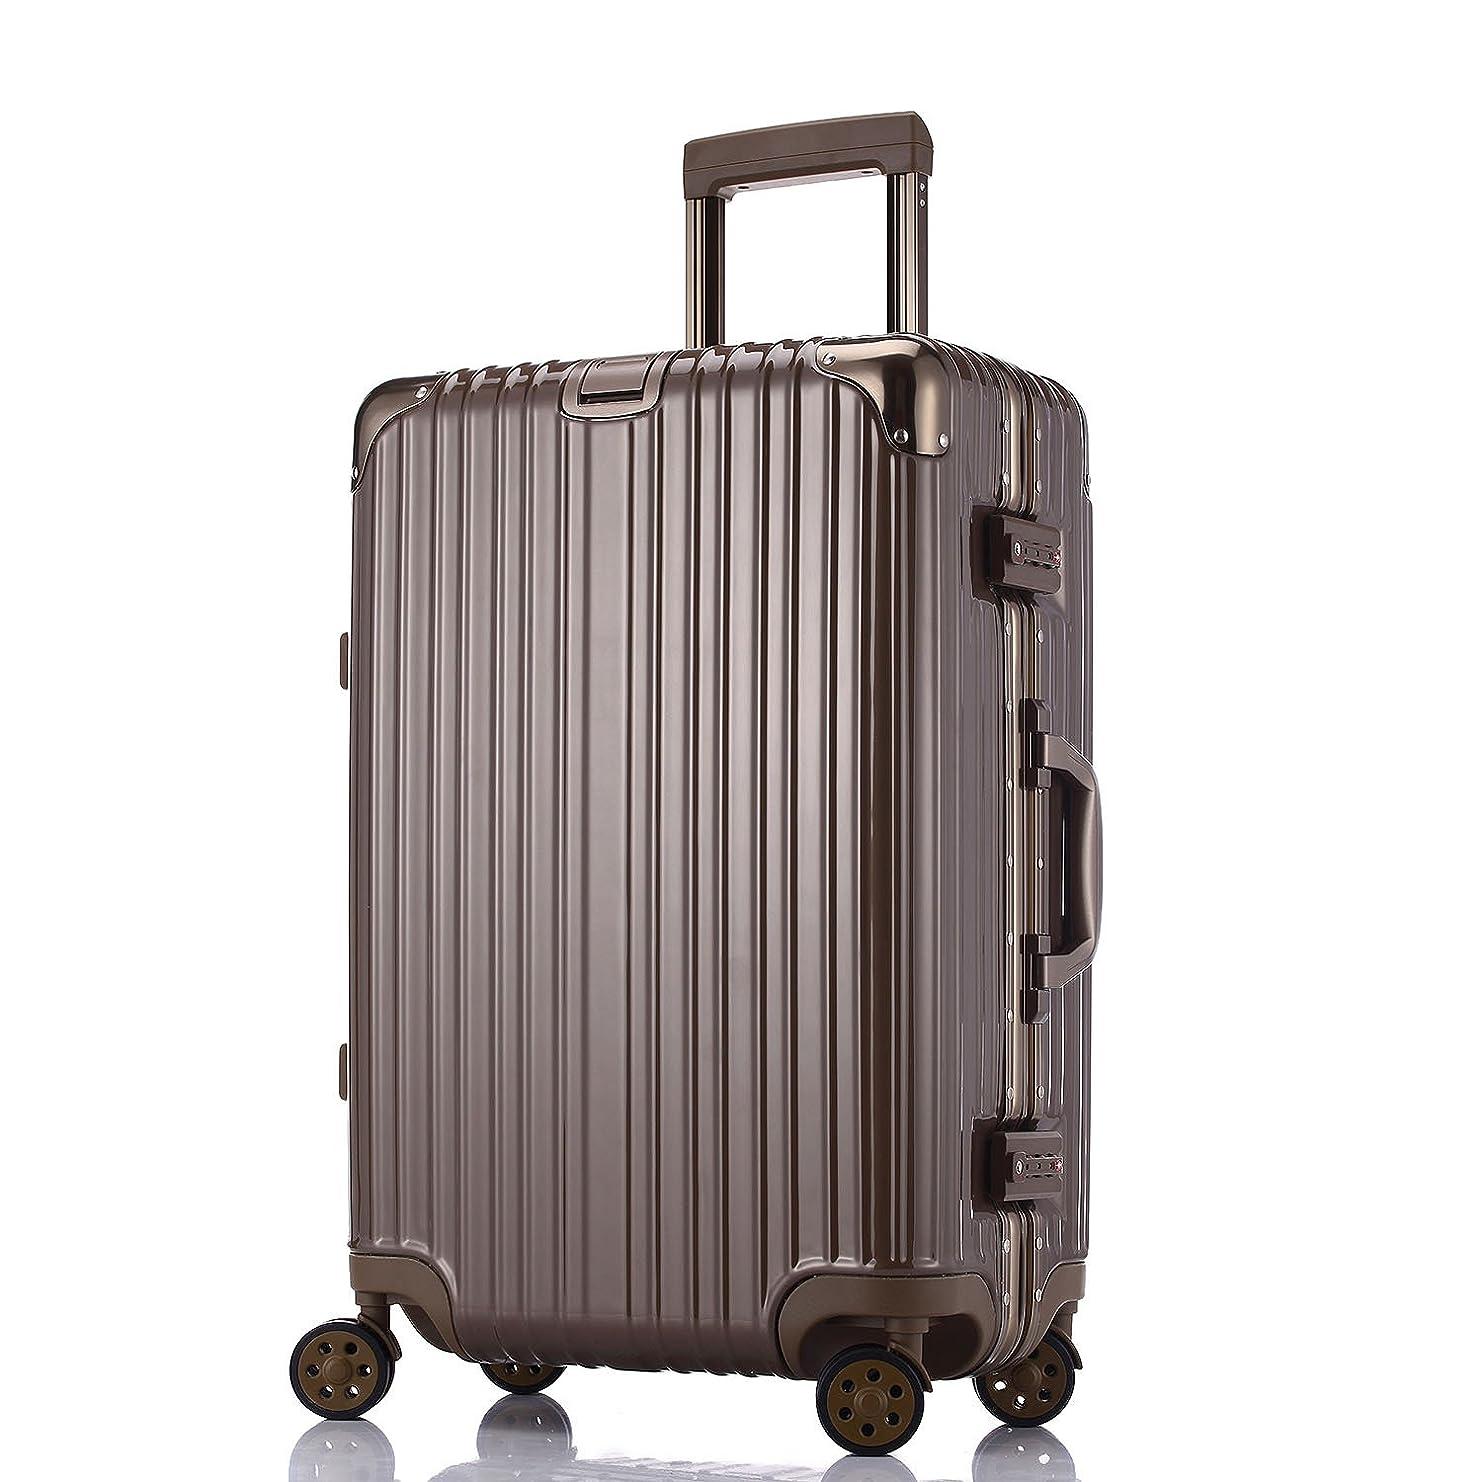 クルー続けるミサイルTotell スーツケース 超軽量 キャリーケース TSAロック 鏡面仕上げ アルミフレーム 旅行 大容量 キャリーバッグ 機内持込